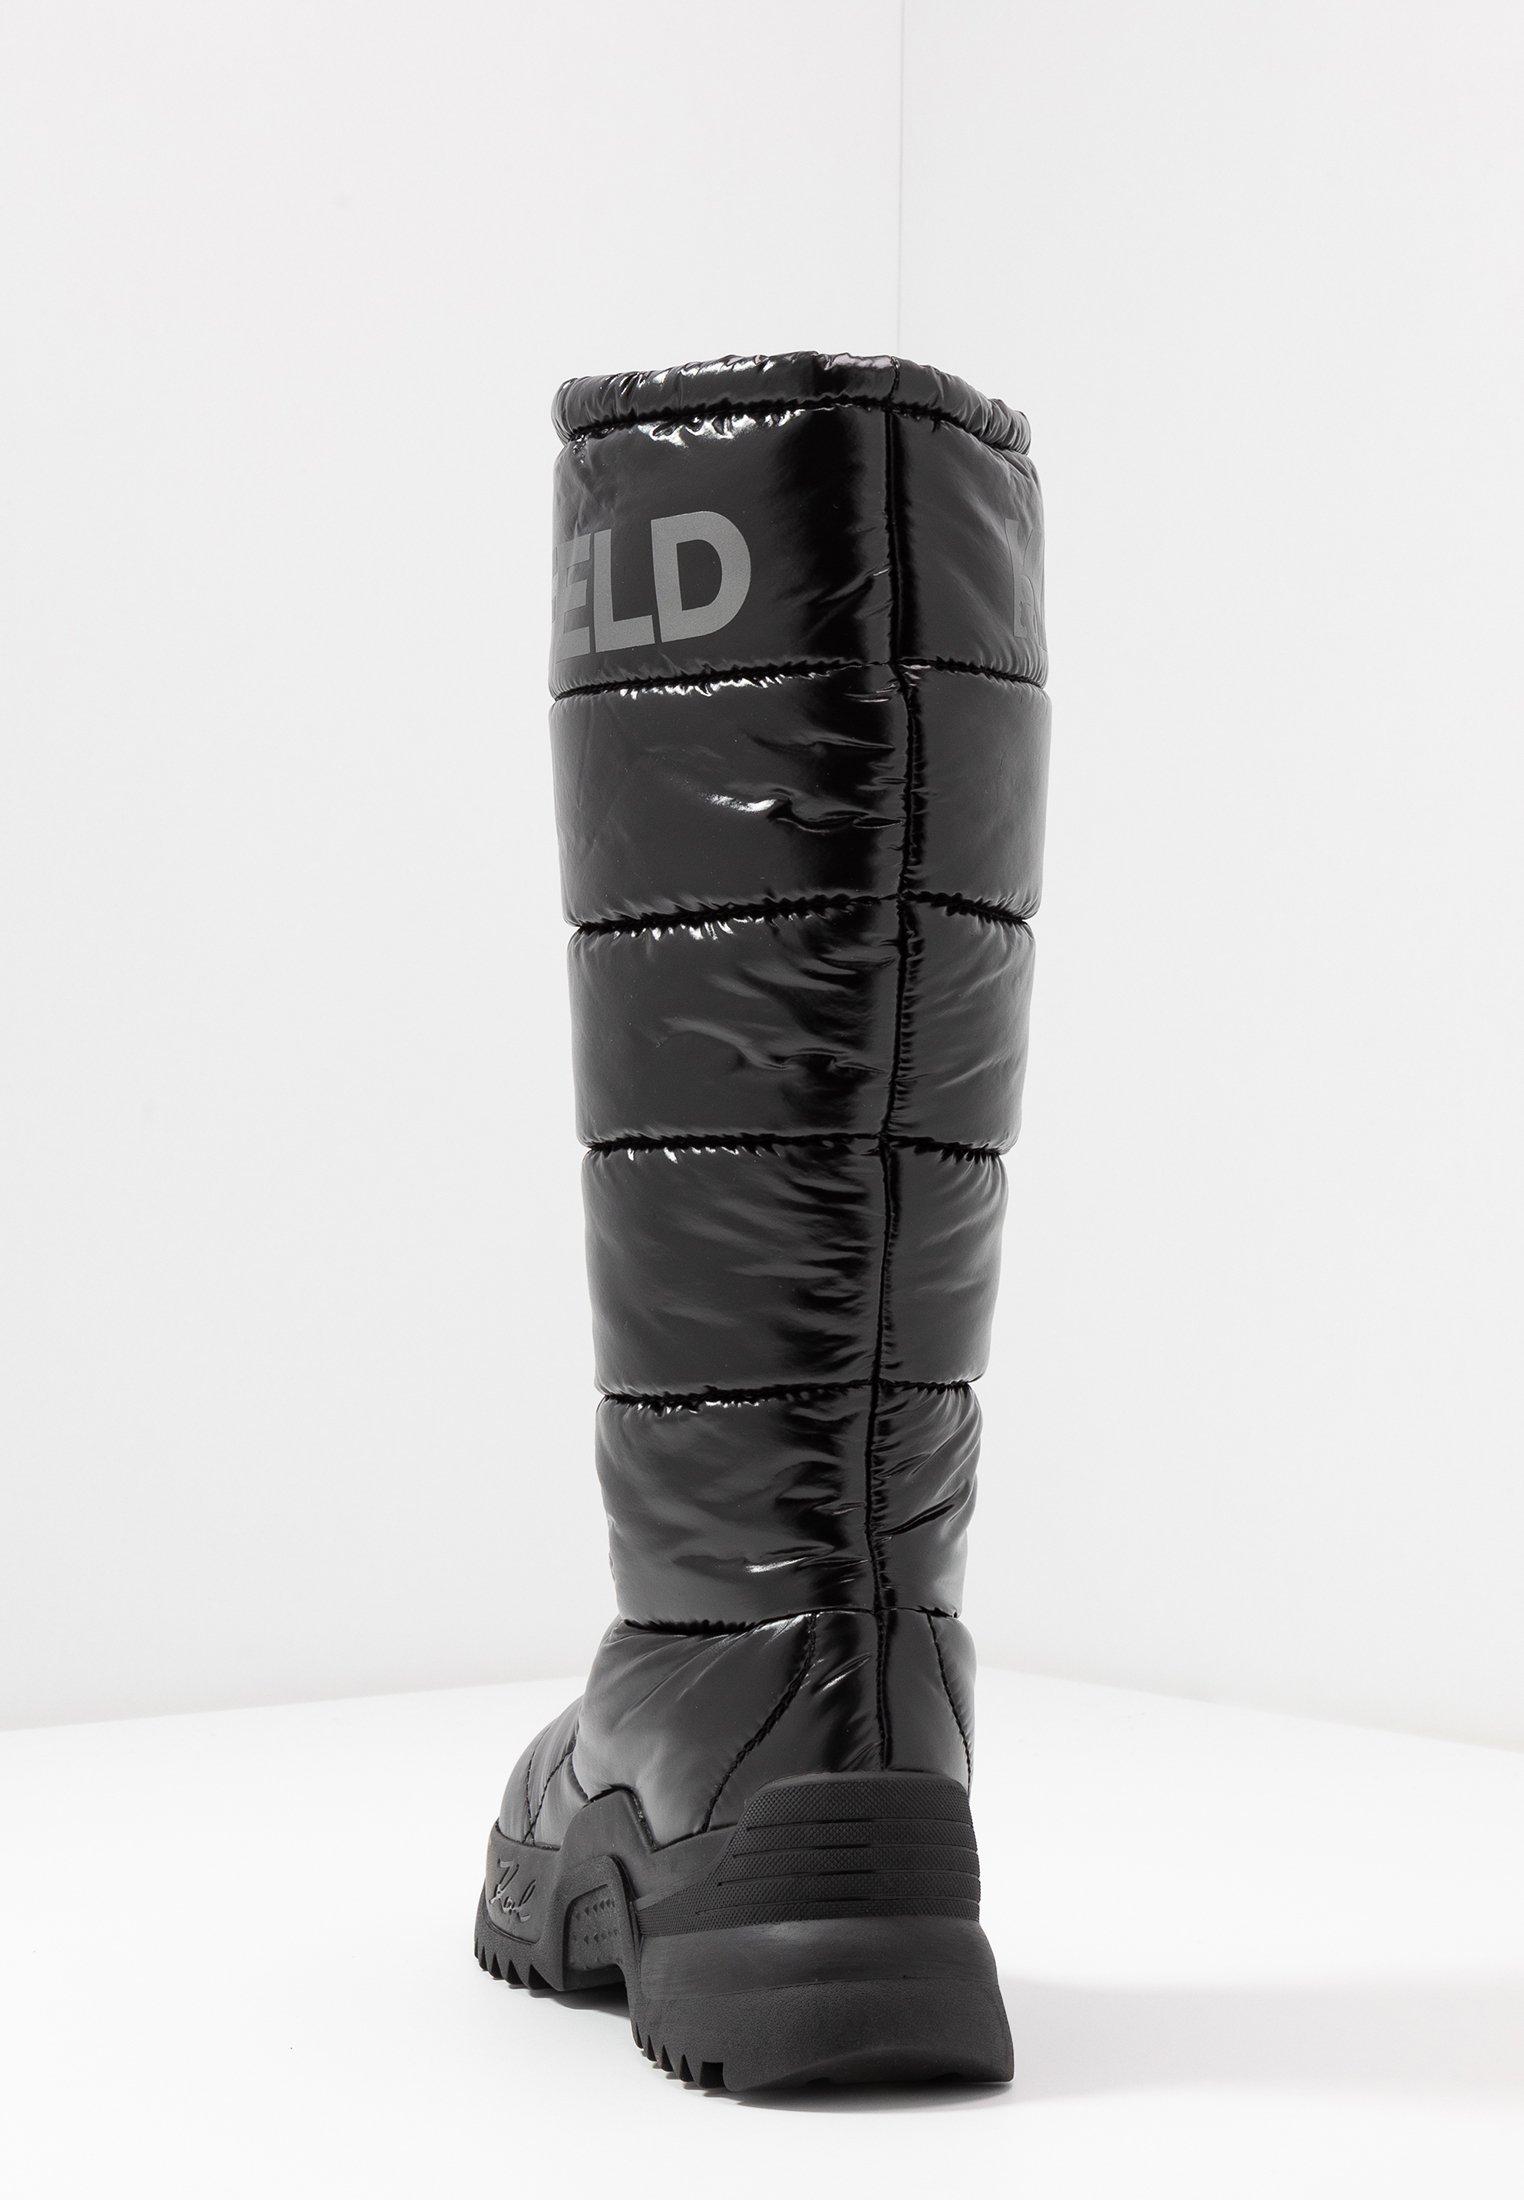 QUEST BOOT Bottes de neige black